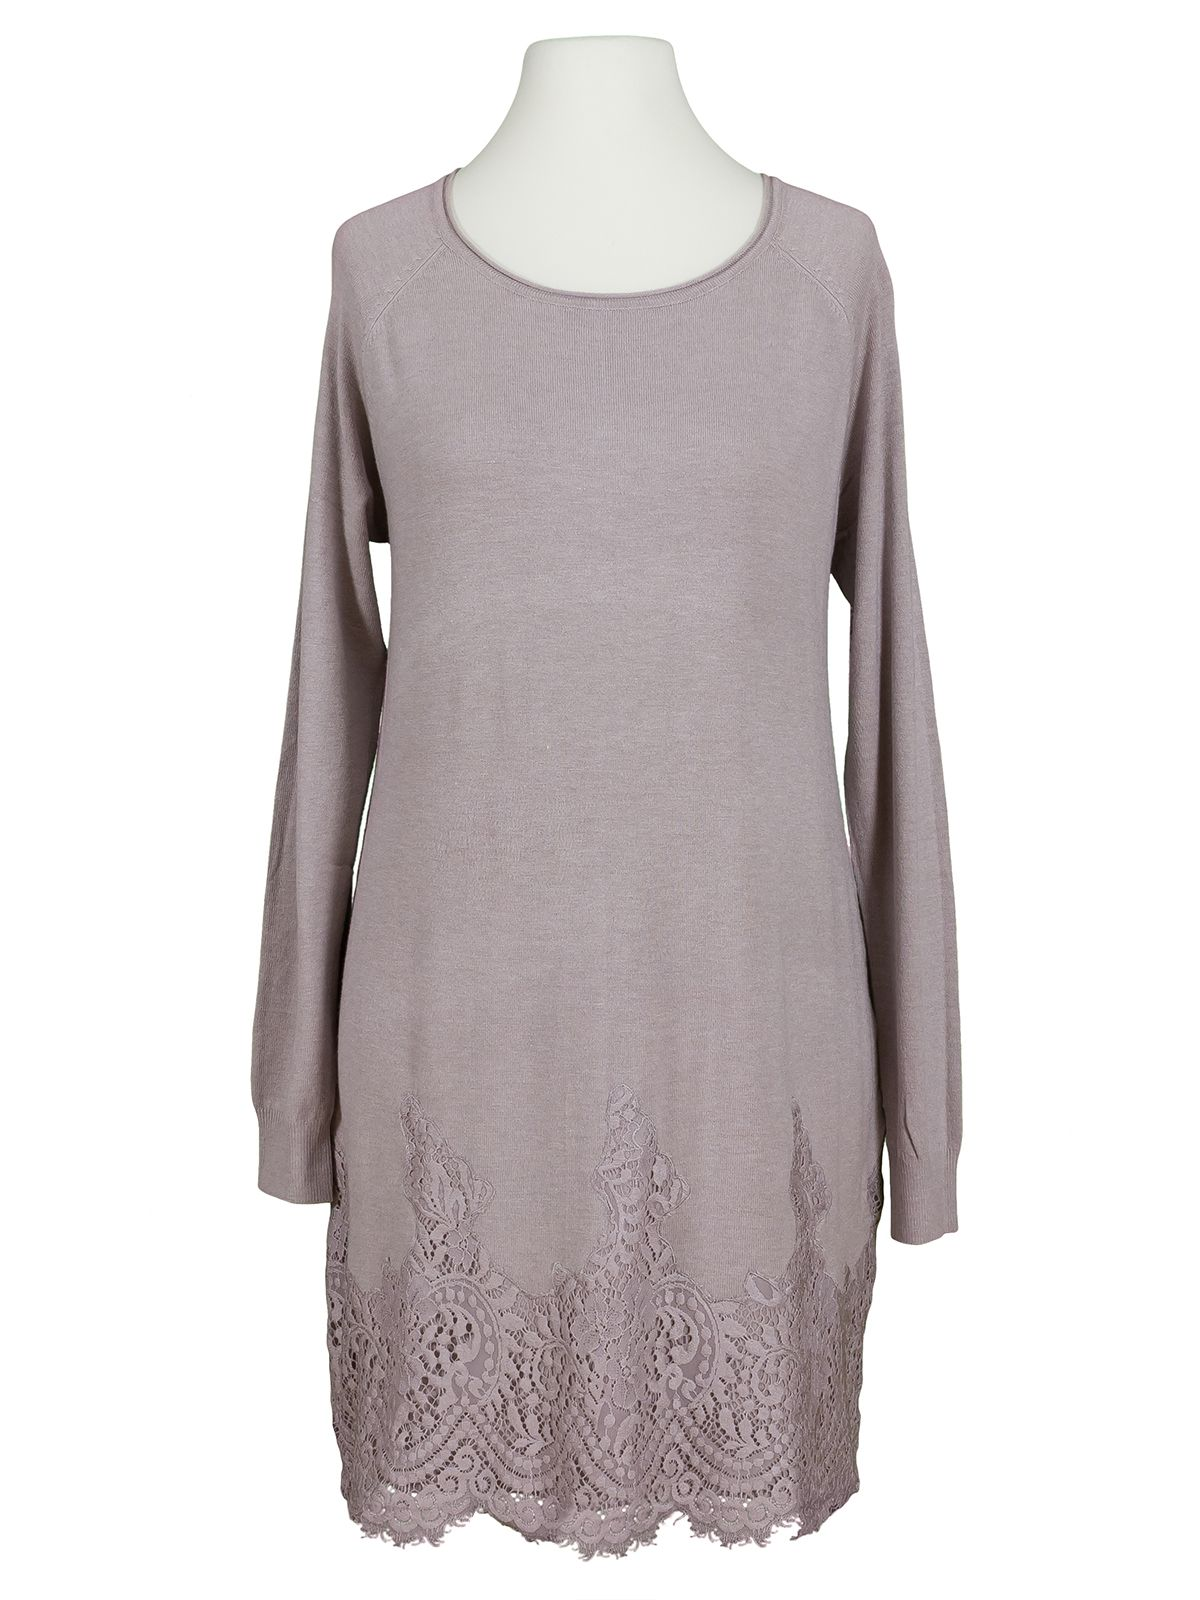 strickkleid mit spitze, taupe bei meinkleidchen kaufen